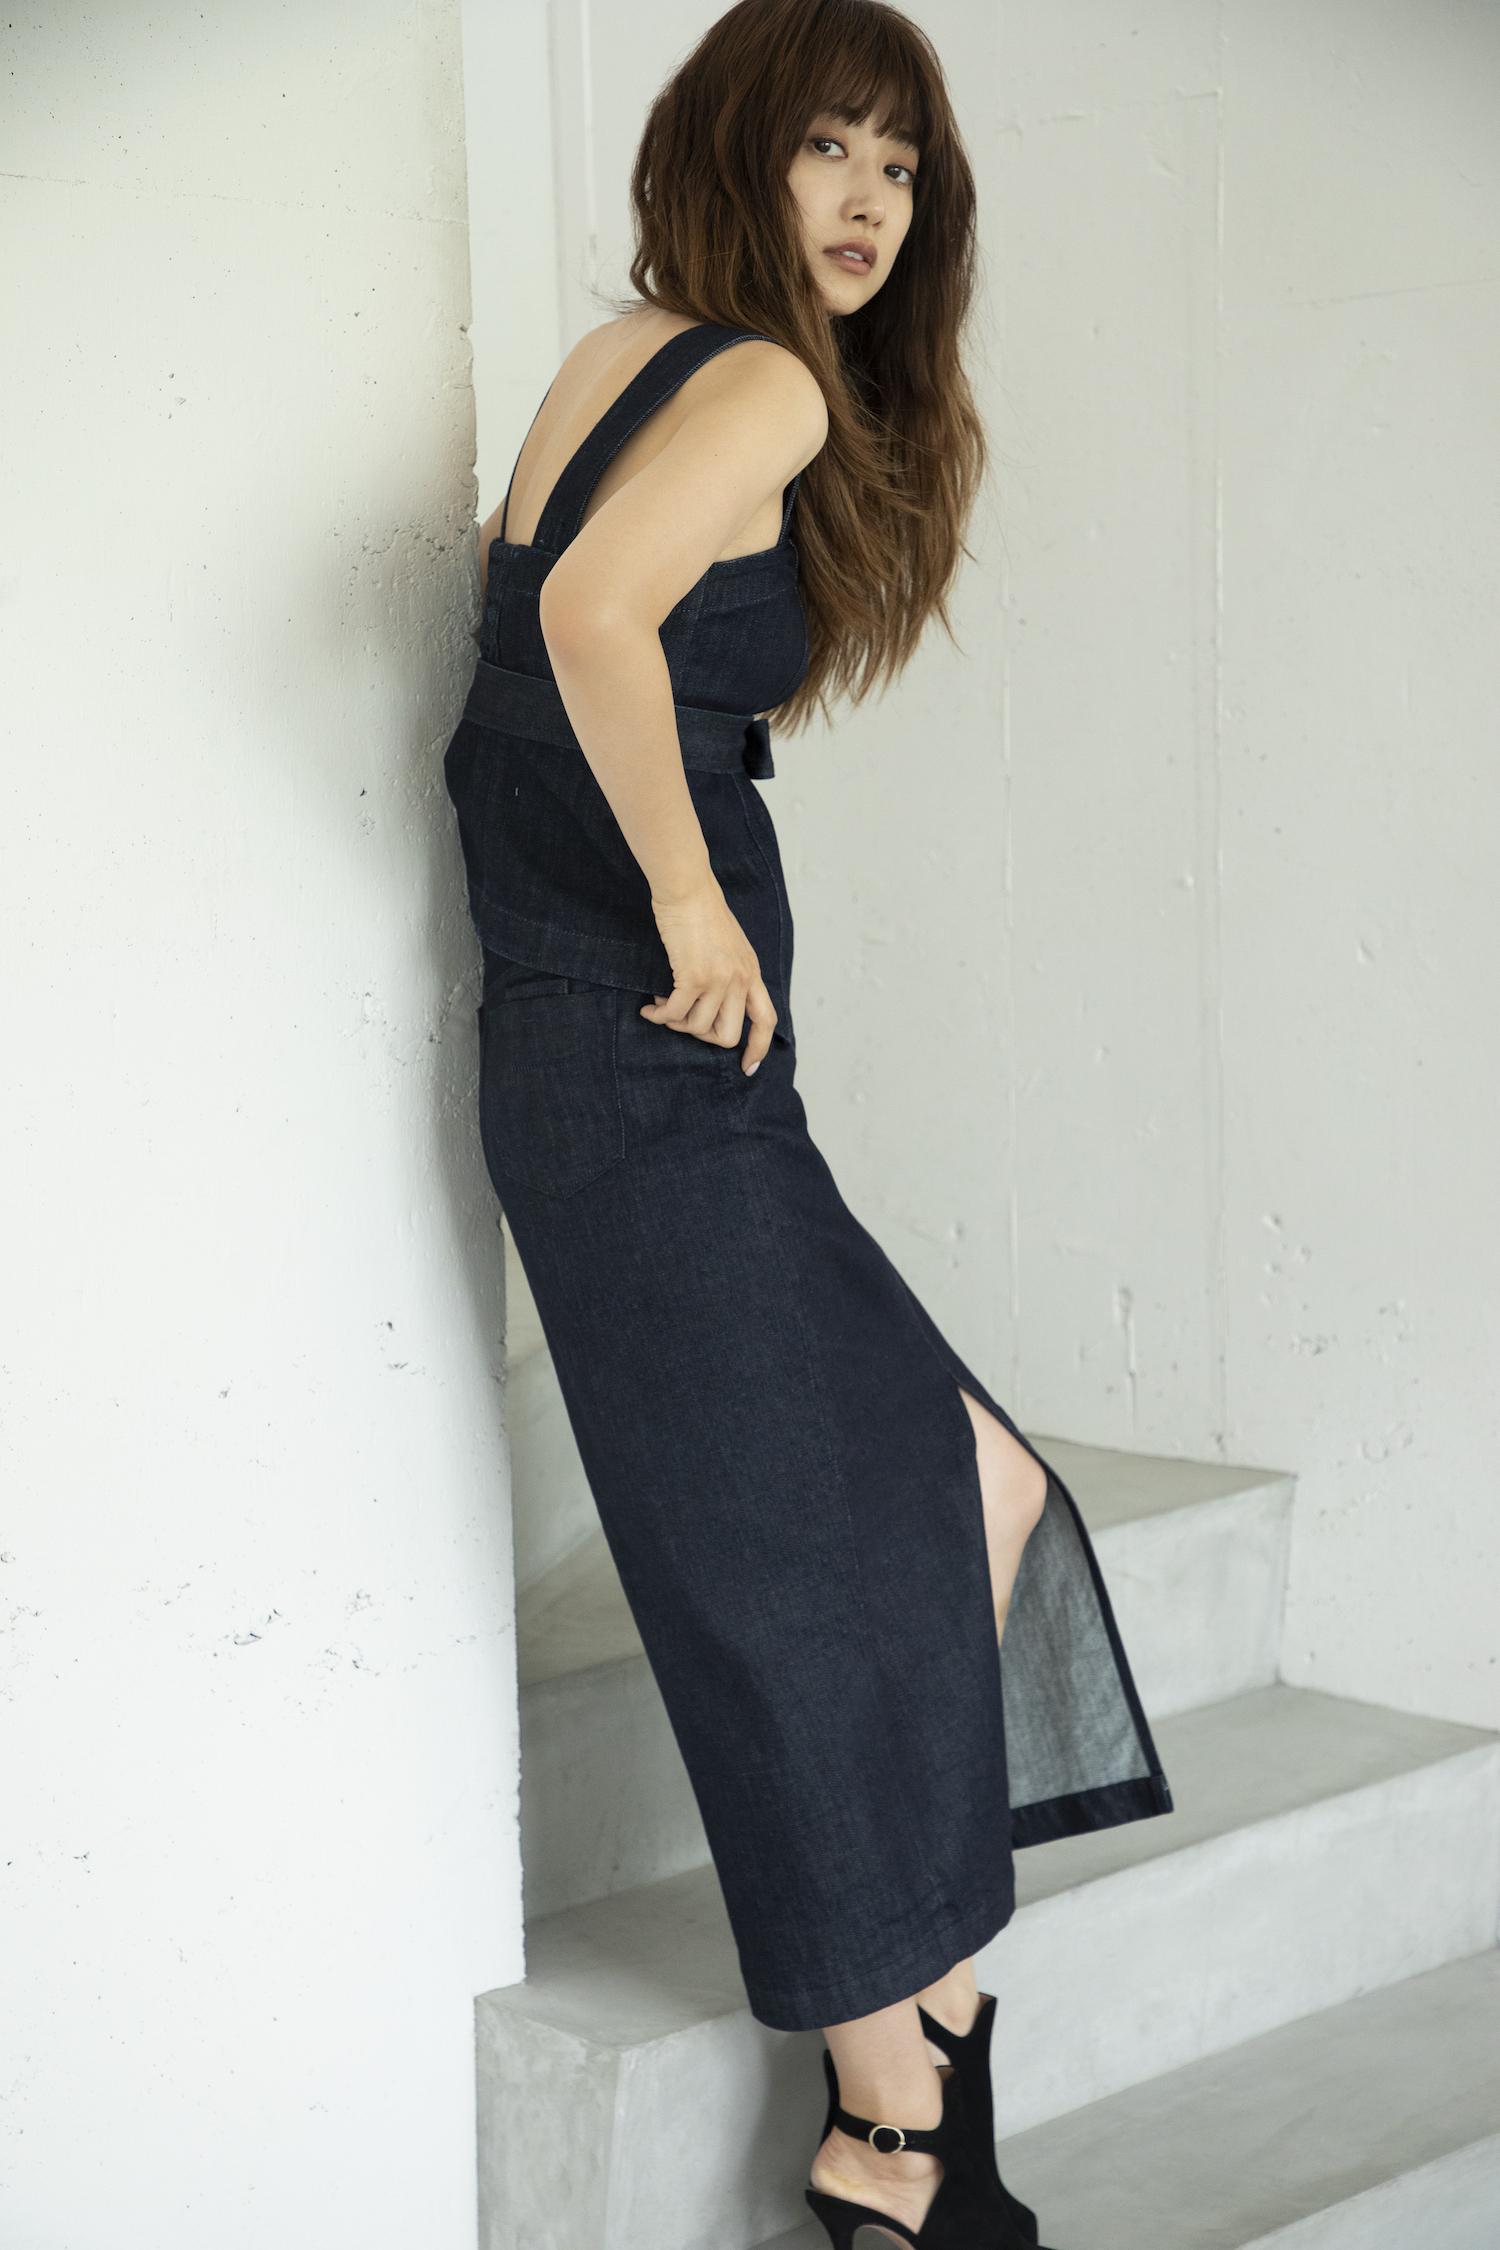 モデル・ヨンアがディレクションするブランド『COEL』が『YANUK』とコラボ! こだわりデニムで美シルエットに♡_3